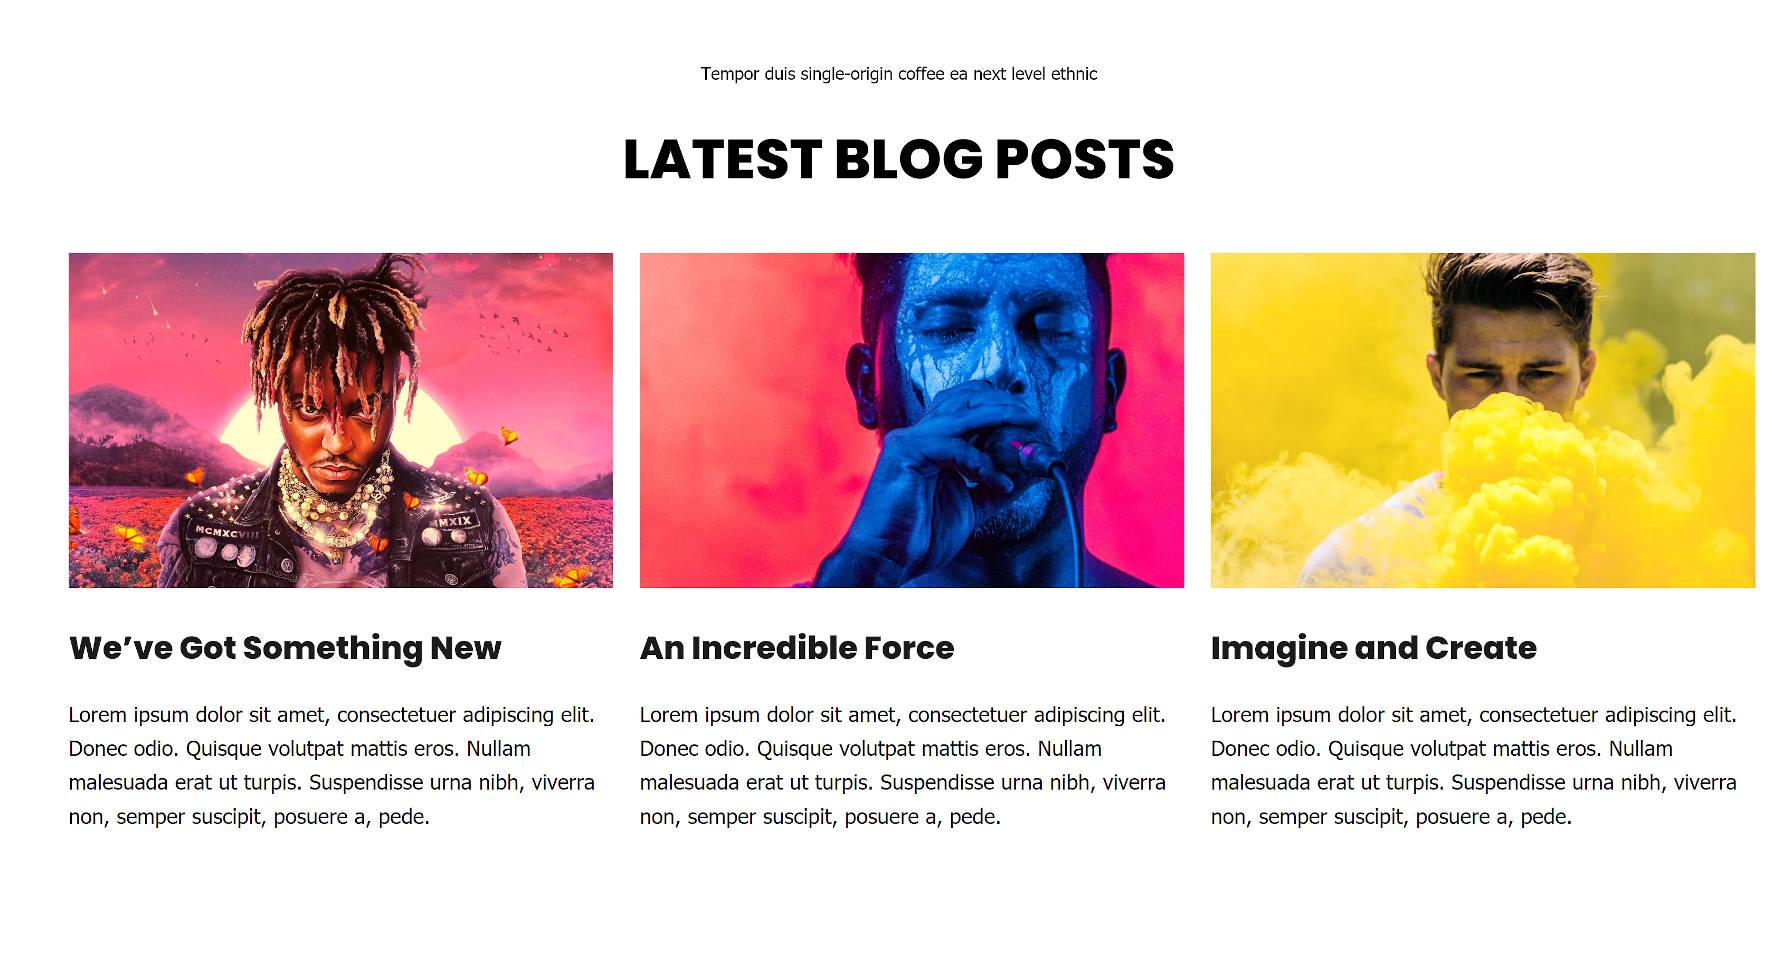 Section des derniers articles à trois colonnes avec des images en vedette.